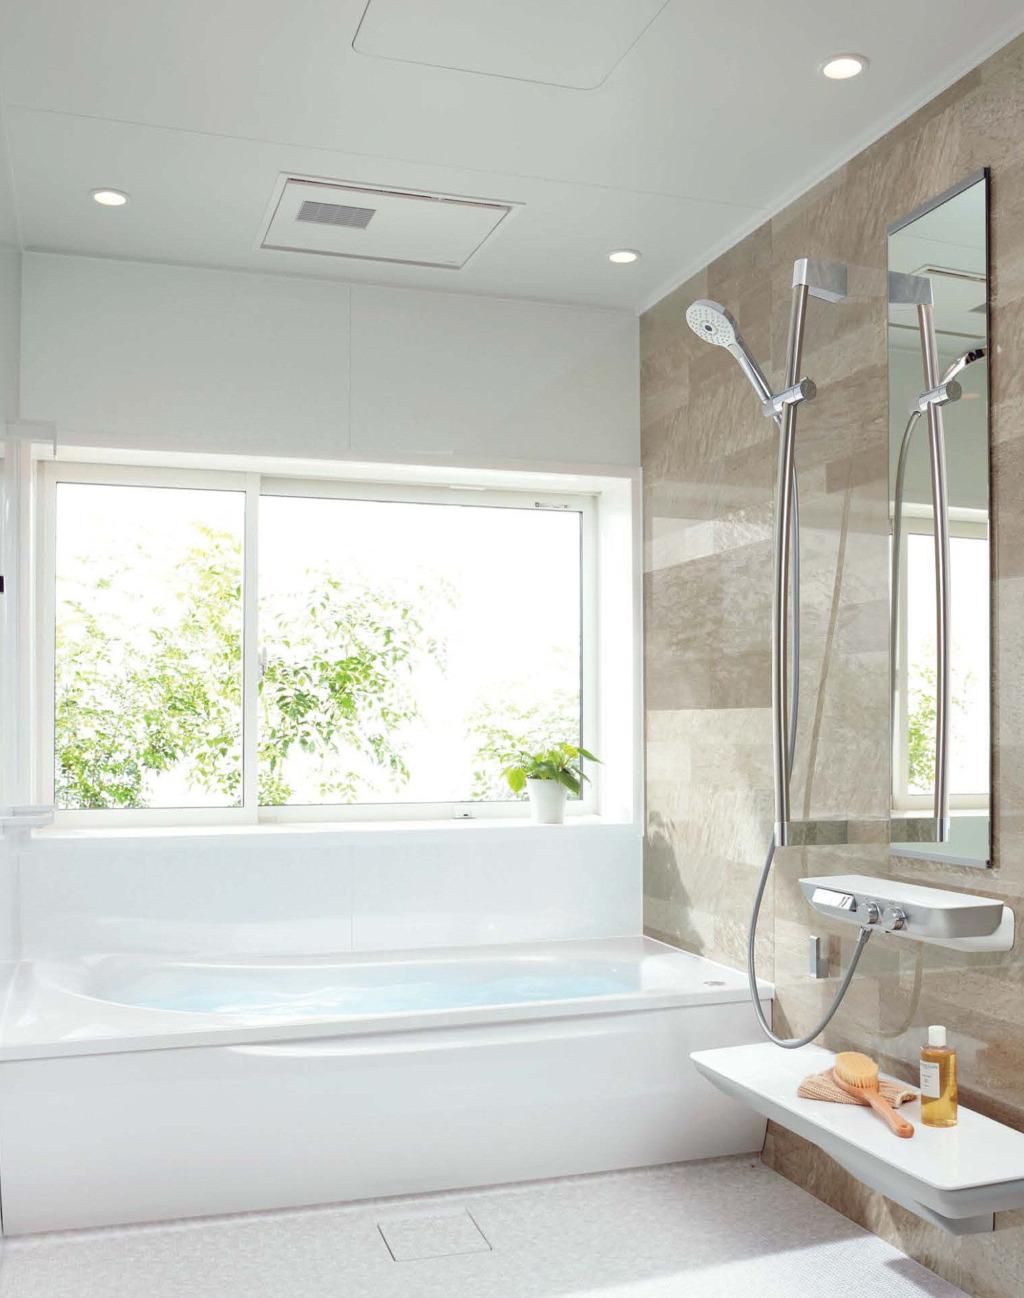 浴室暖房換気乾燥機設置